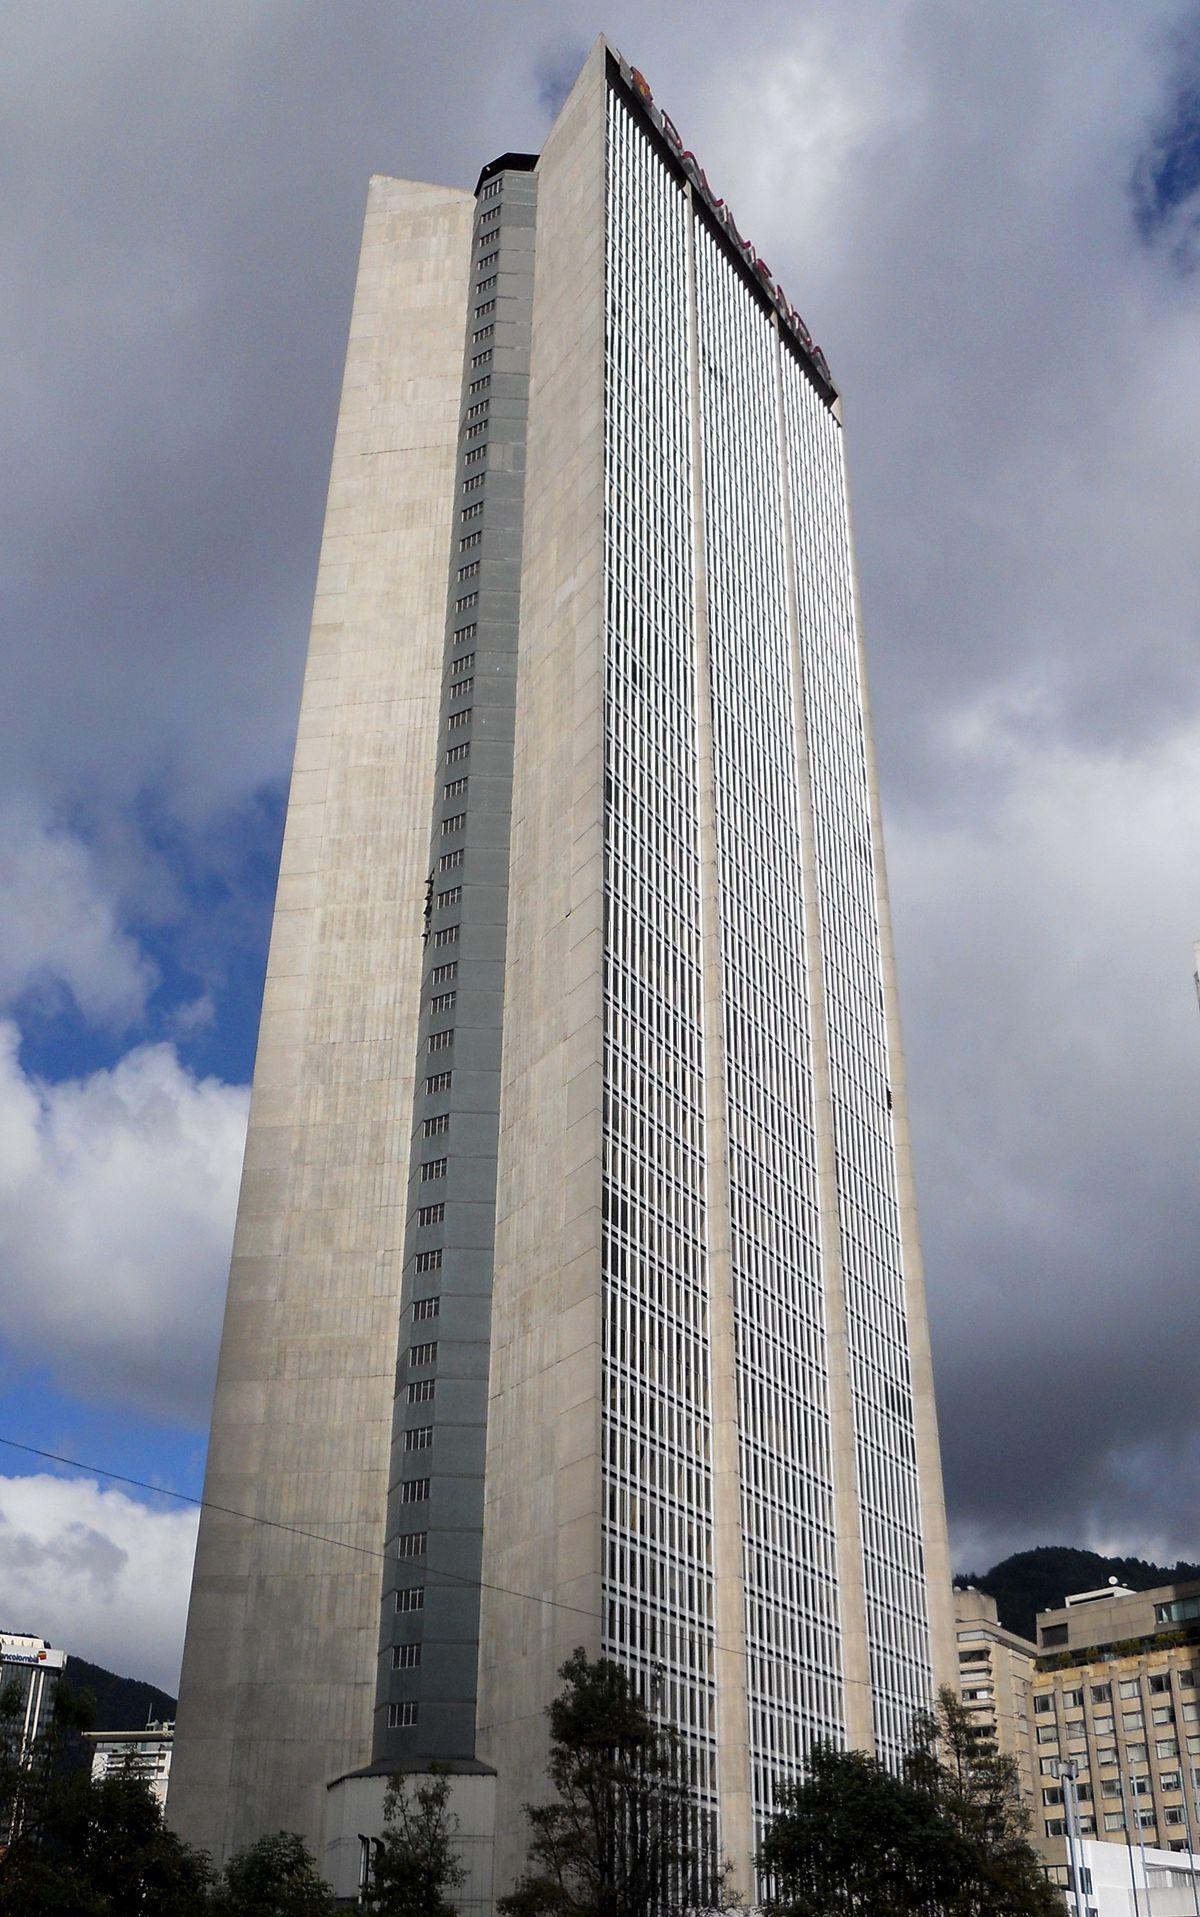 Centro de comercio internacional wikipedia for Comercio exterior